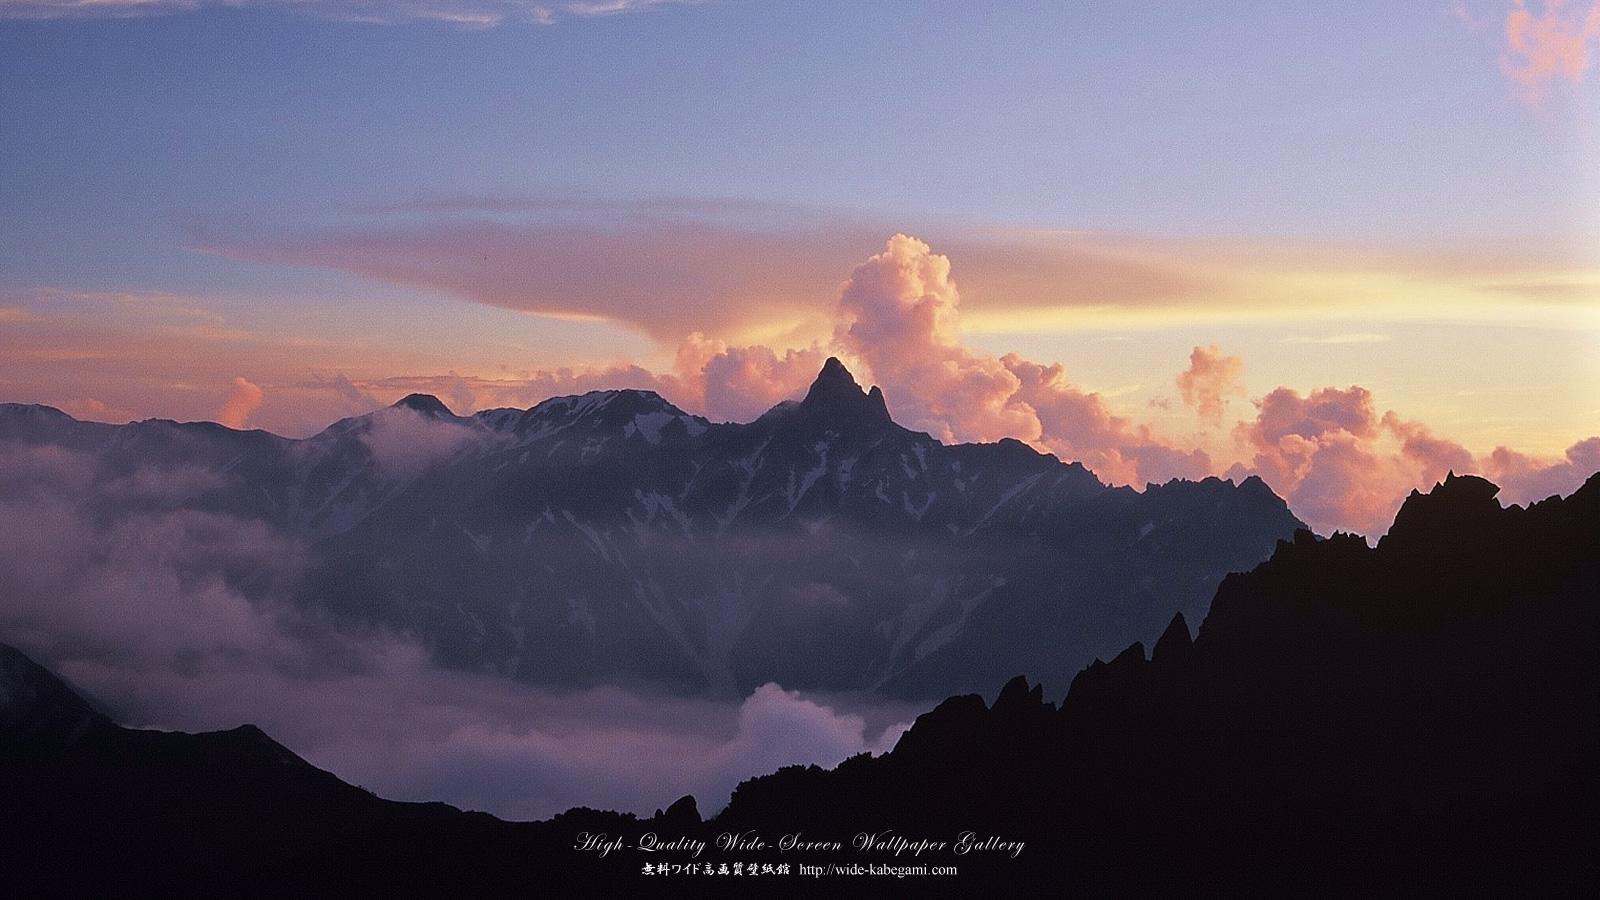 自然風景のワイド壁紙 1600x900 槍ヶ岳夕照 無料ワイド高画質壁紙館